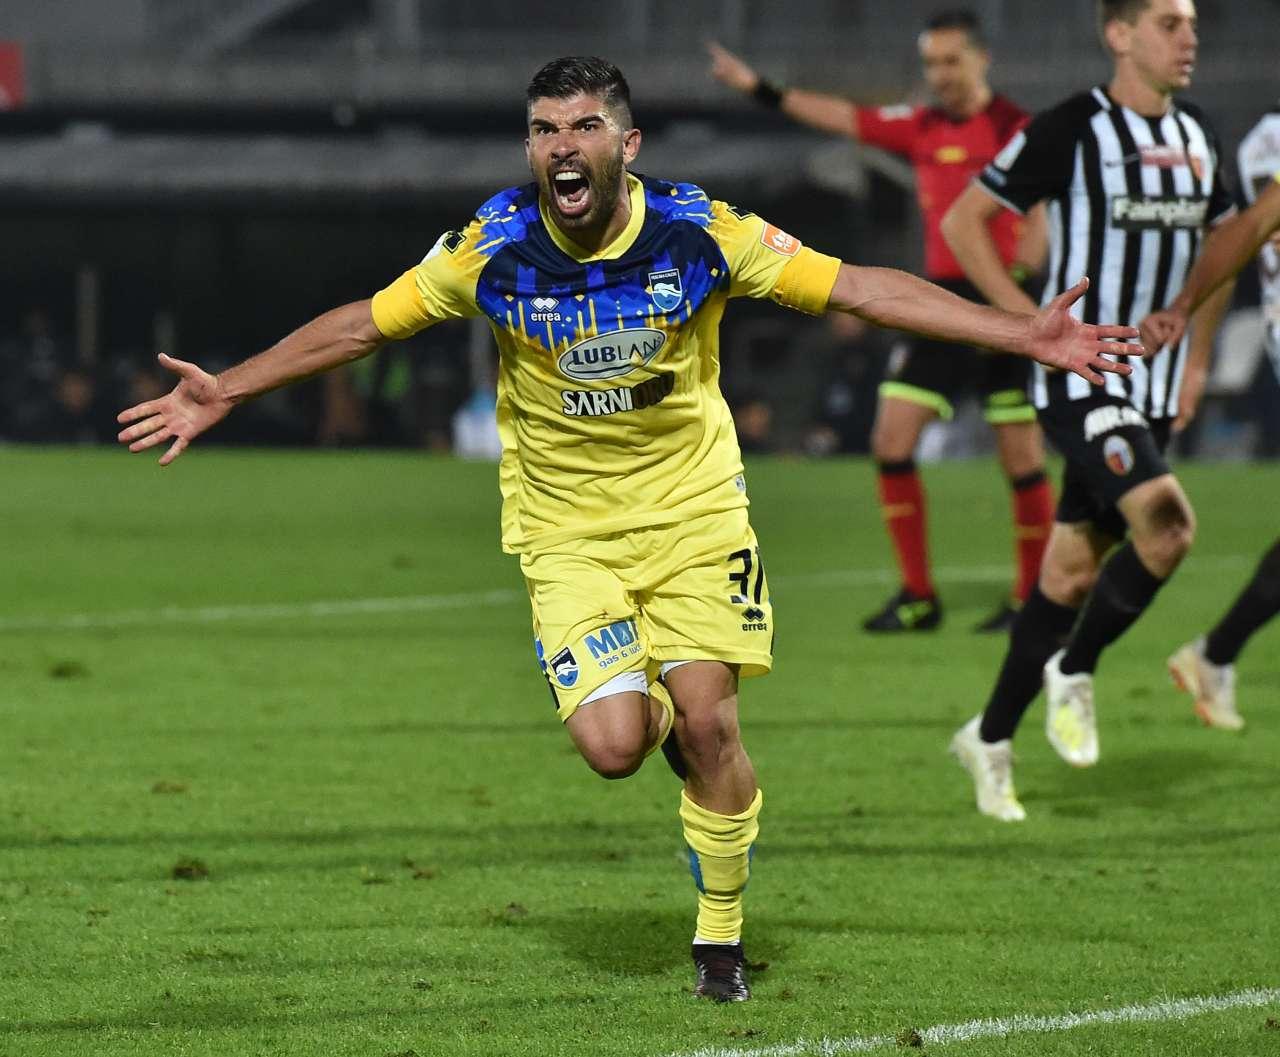 Pescara infortunio Busellato frattura coccige